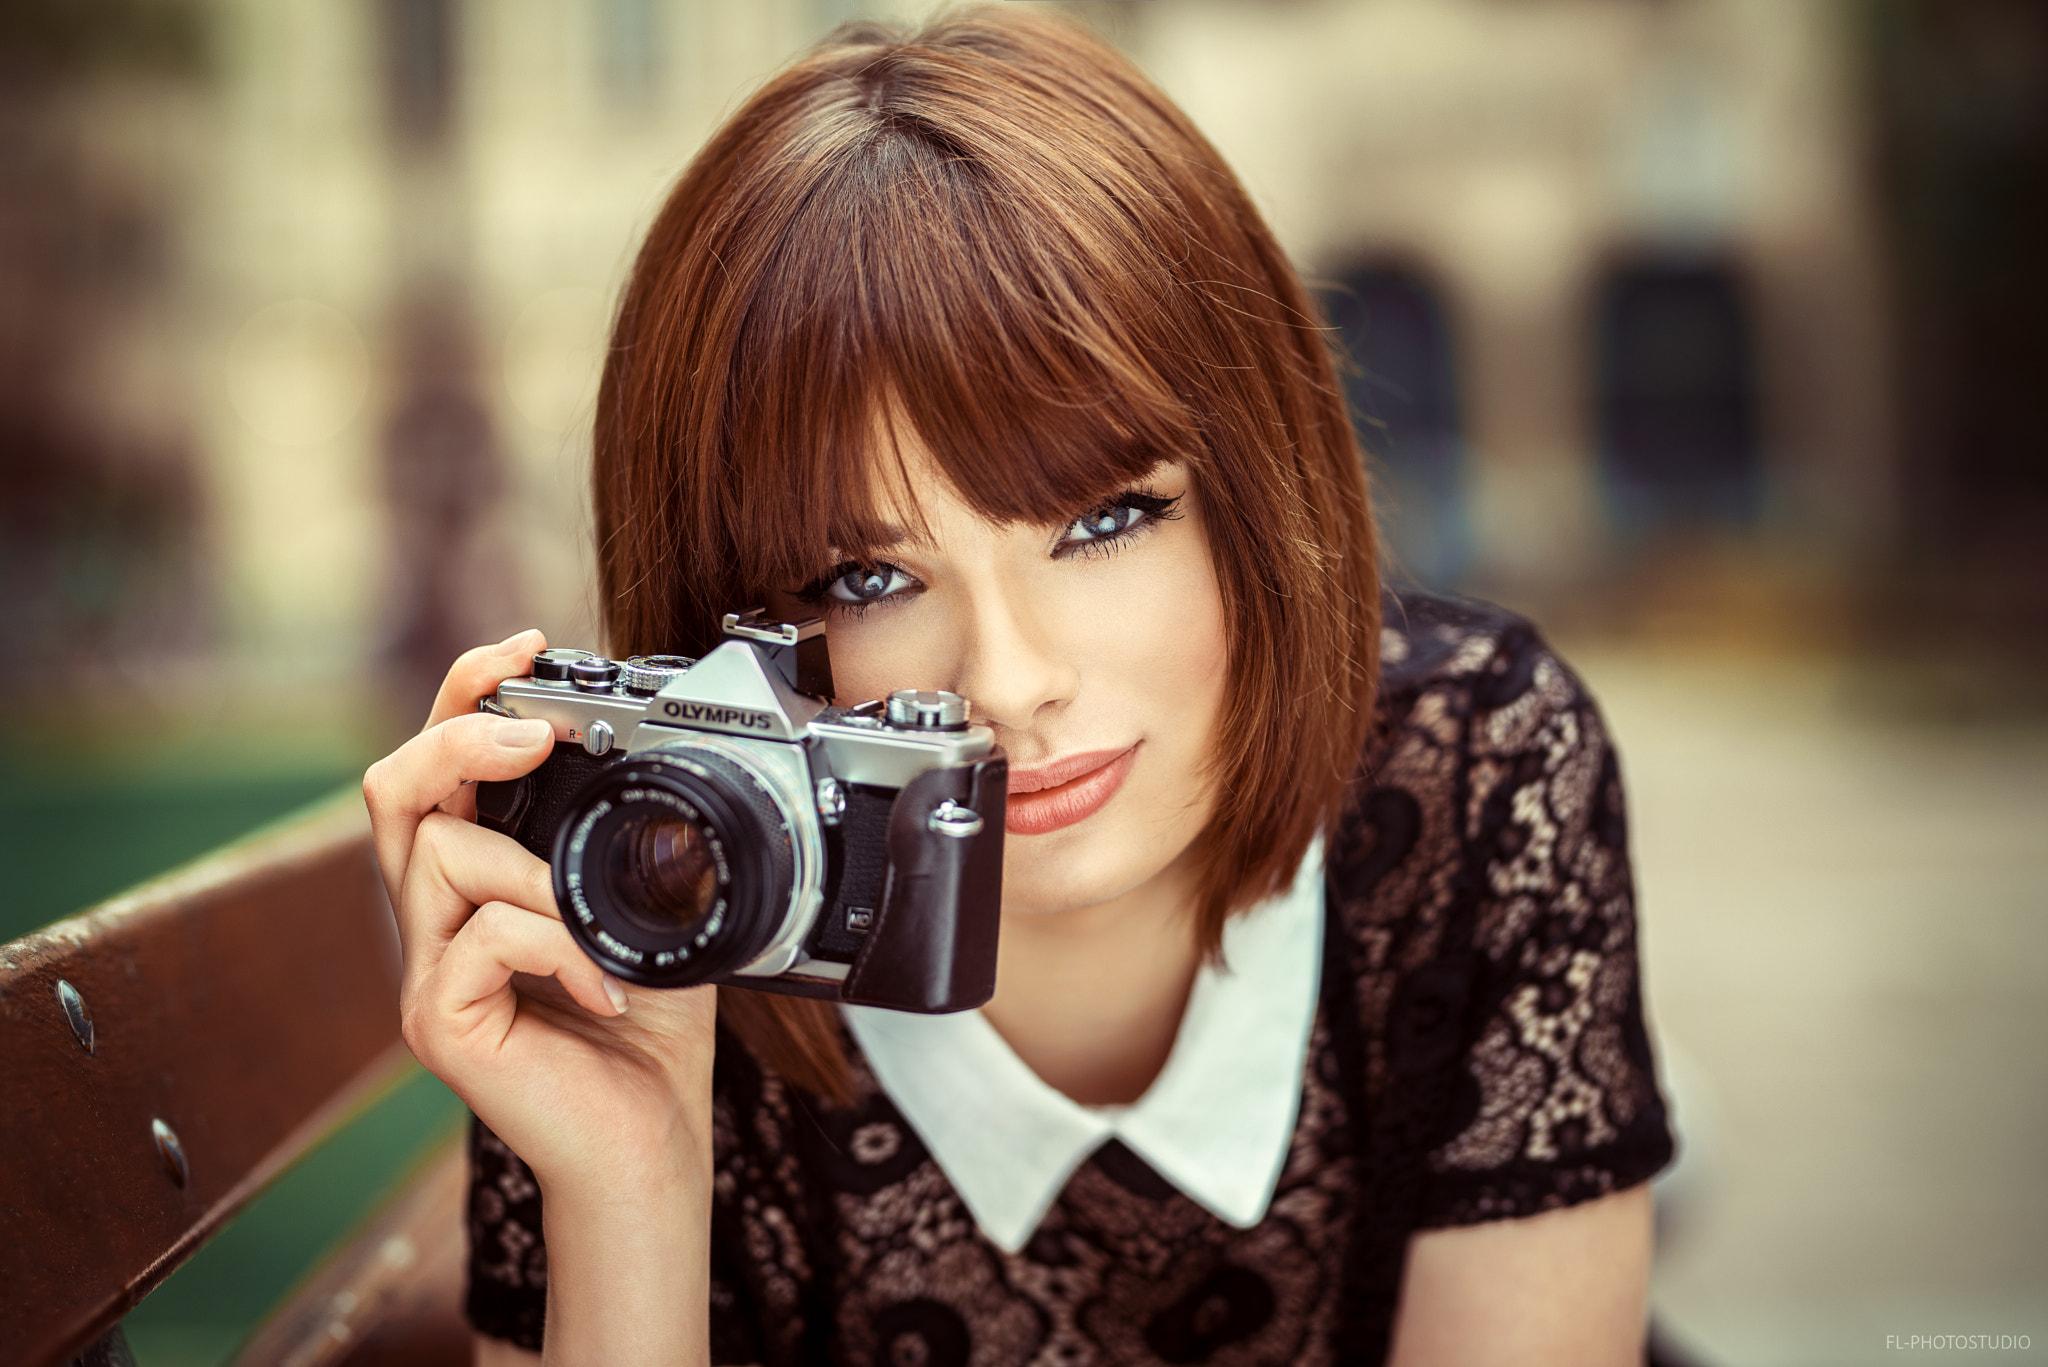 Профессиональные фотографии людей картинки